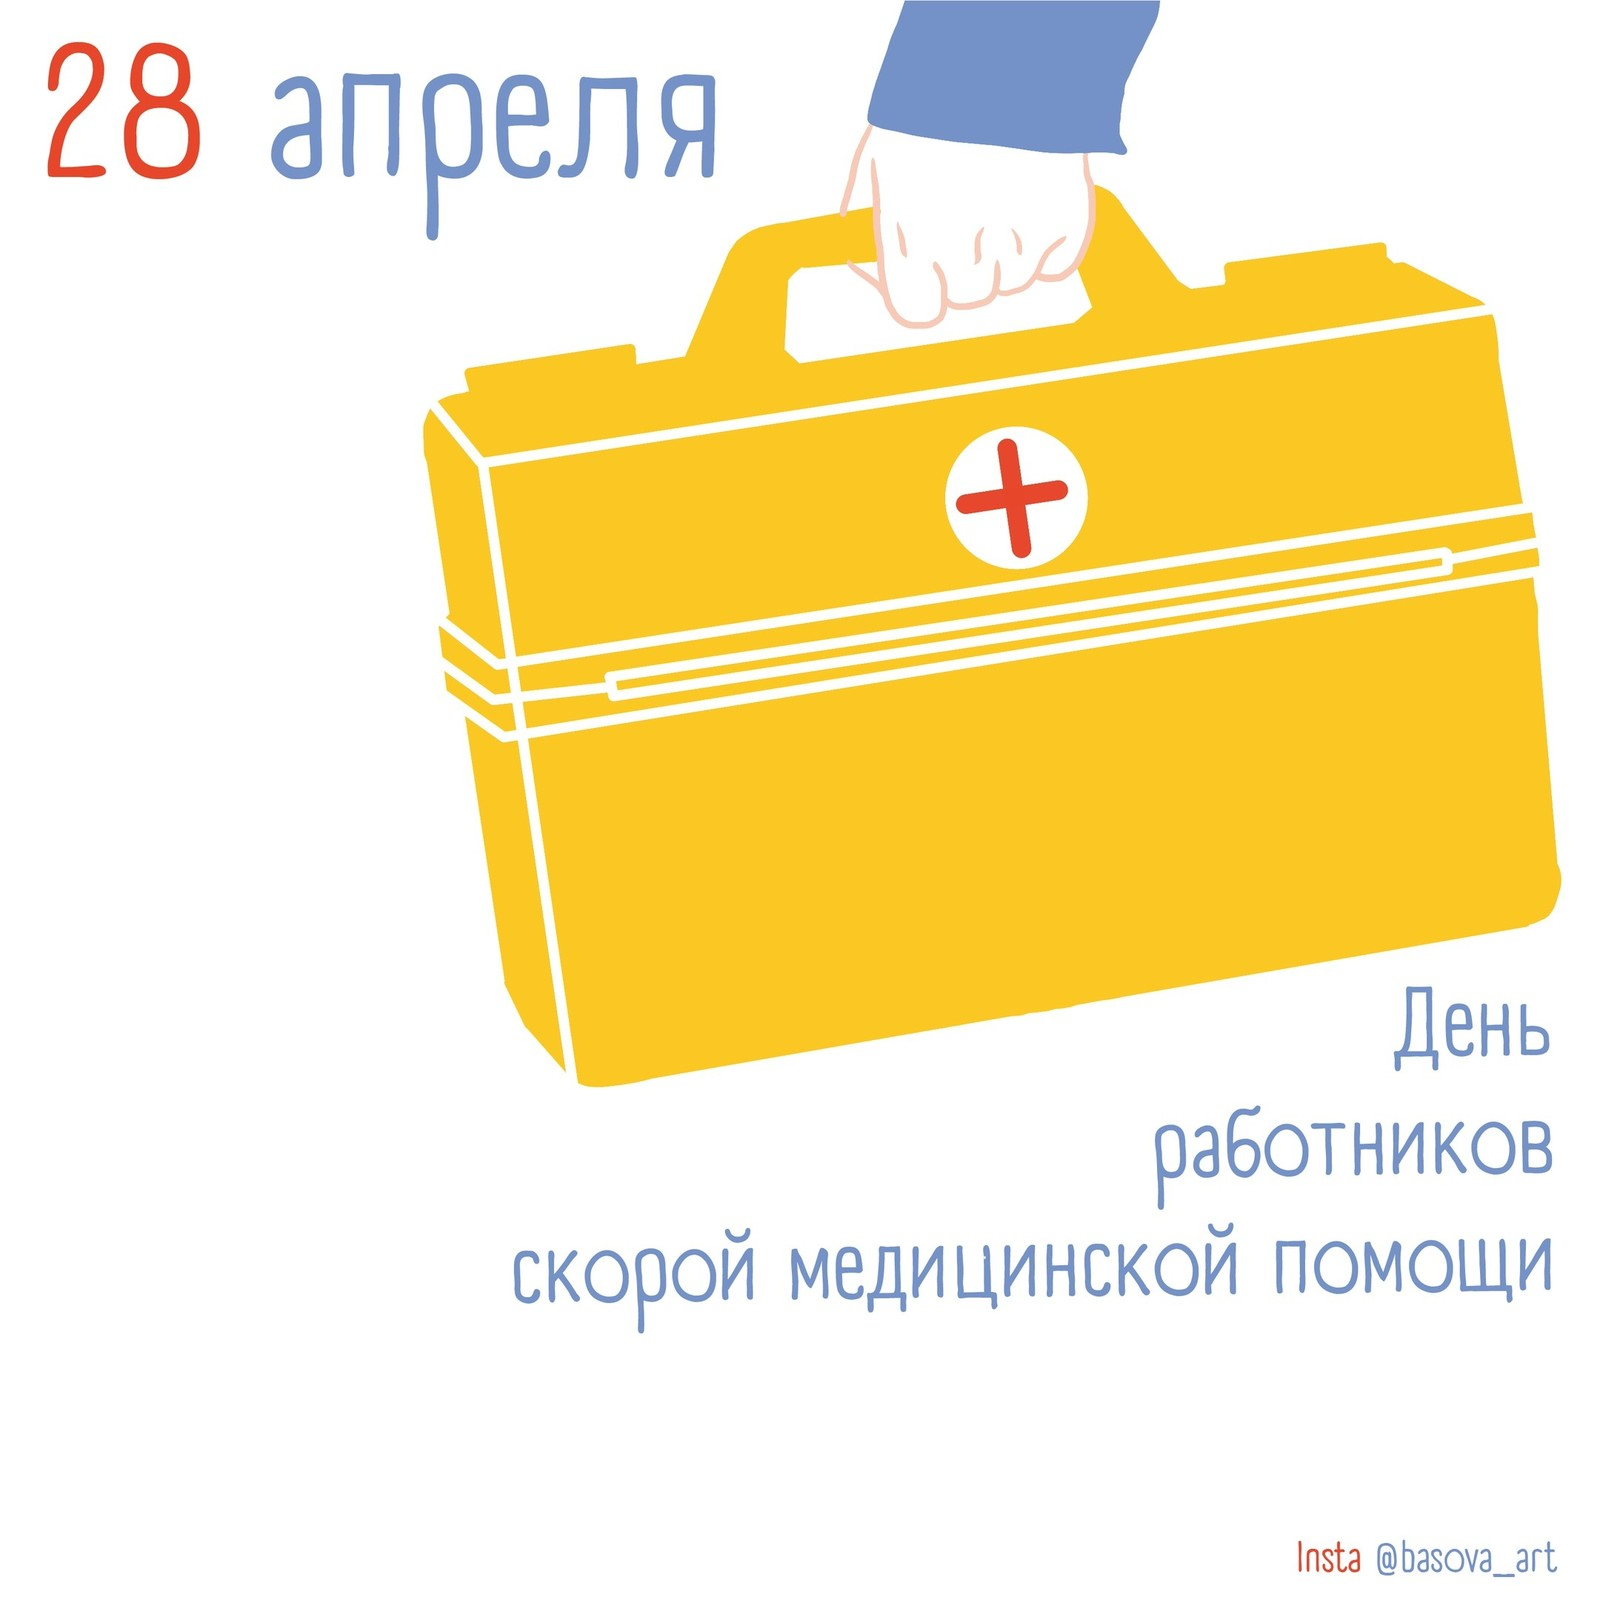 28 апреля— День работников медицинской скорой помощи